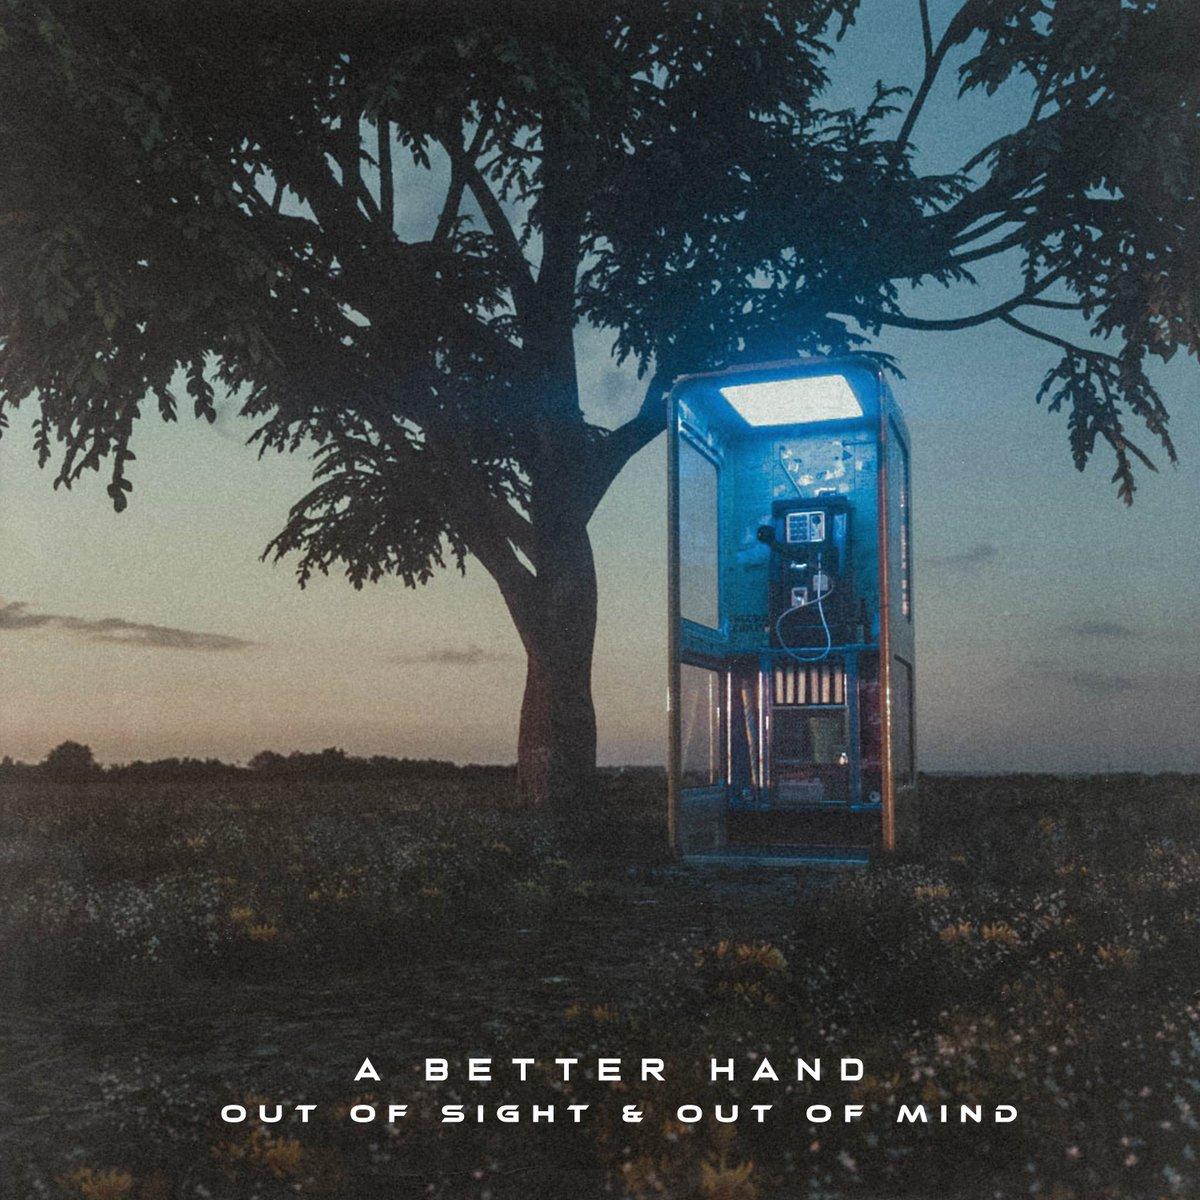 A Better Hand (@ABetterHandBand) | Twitter